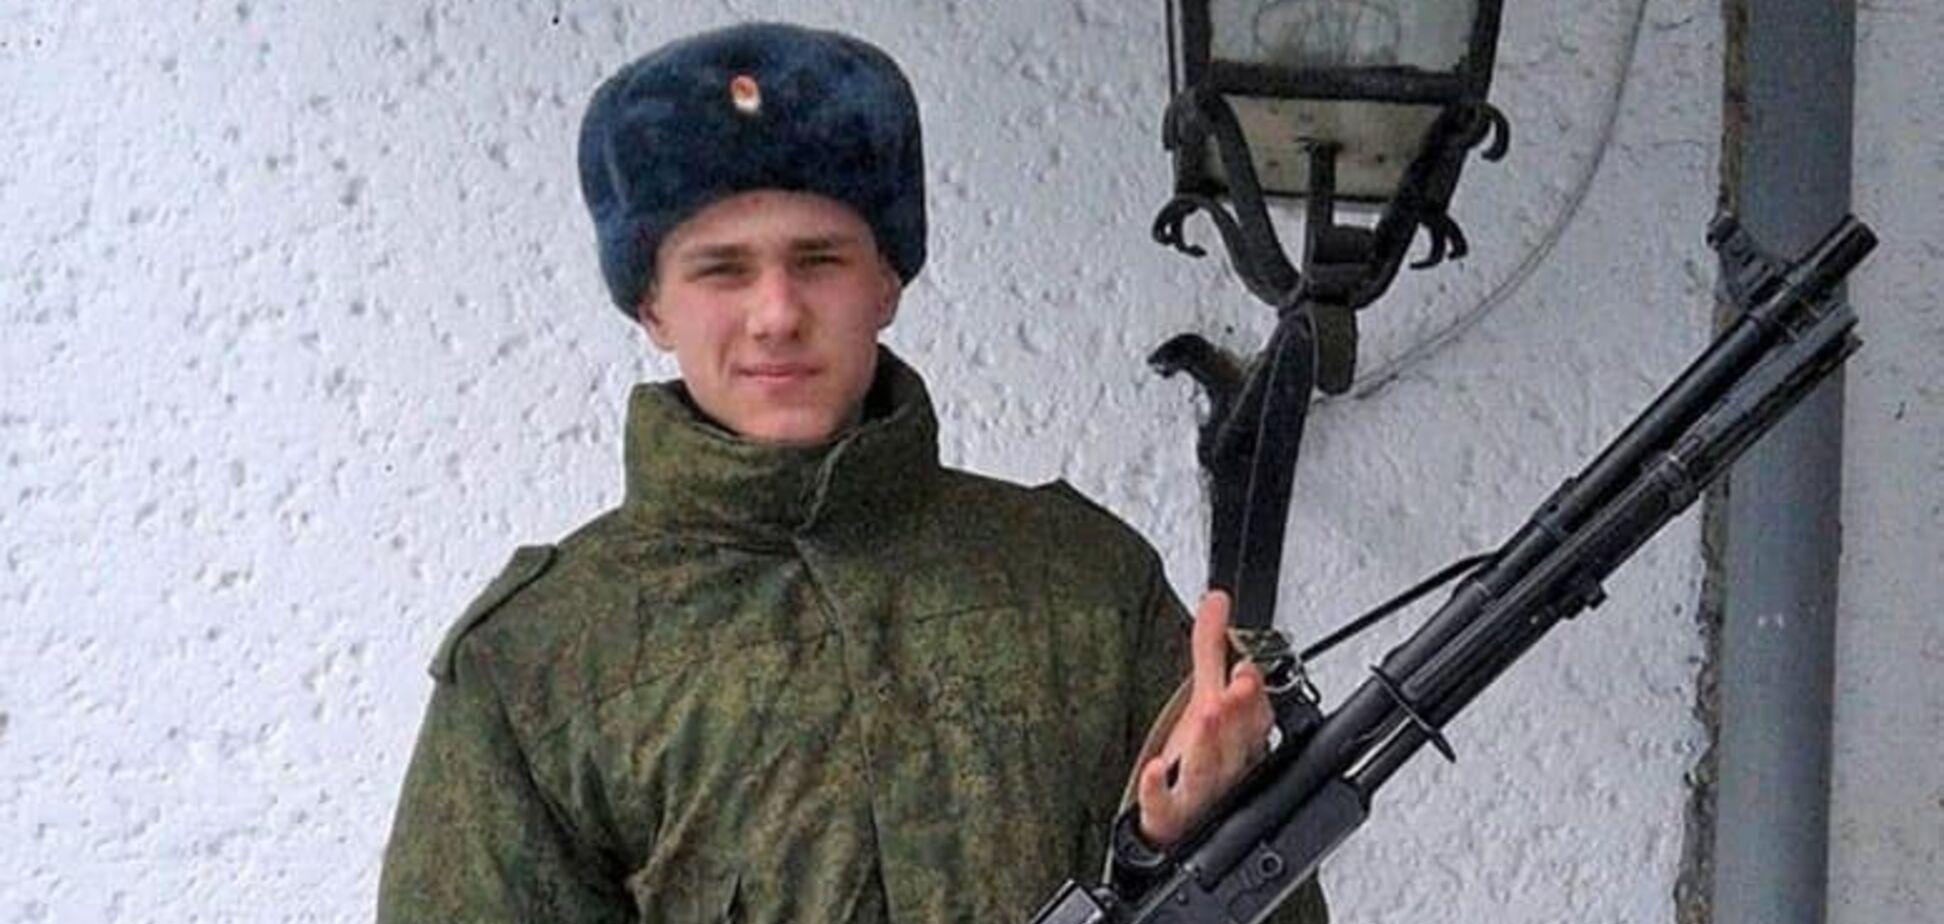 Получил пулю в голову: в 'ДНР' ликвидировали 20-летнего террориста. Фото